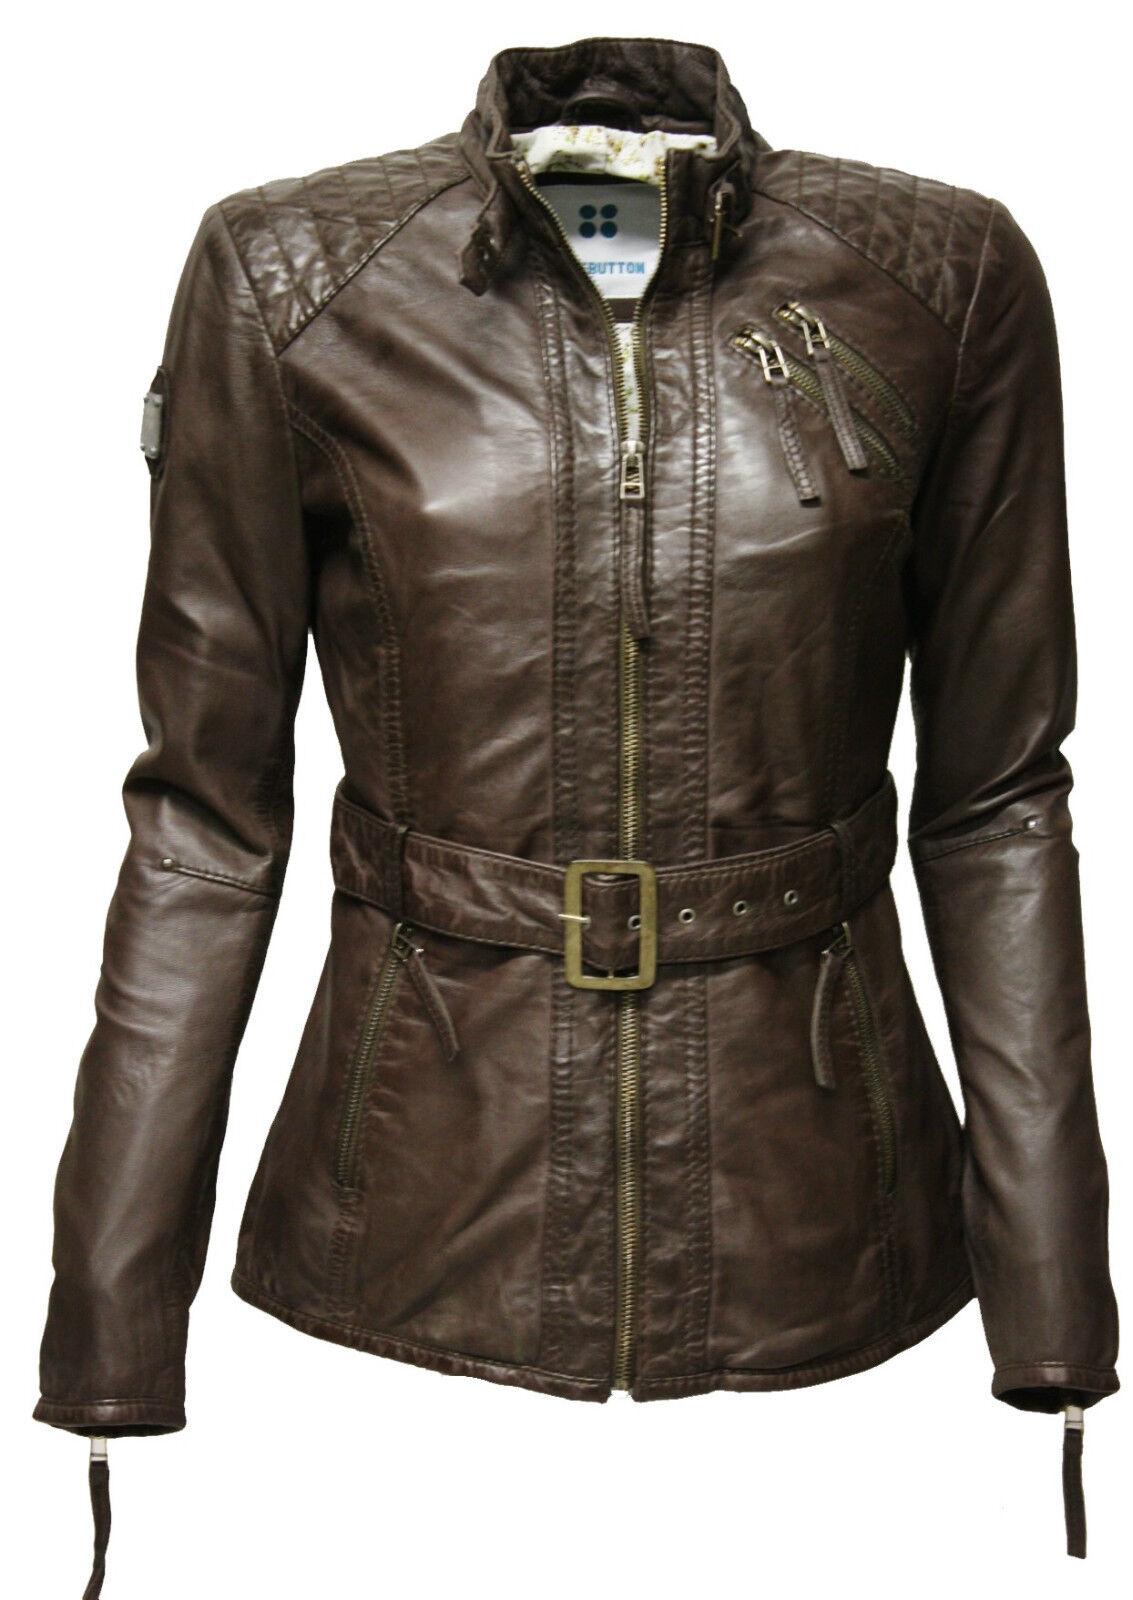 Verdadera  señora chaqueta de cuero mantequilla blando lammnappa washed marrón marrón oscuro escocesa  Disfruta de un 50% de descuento.